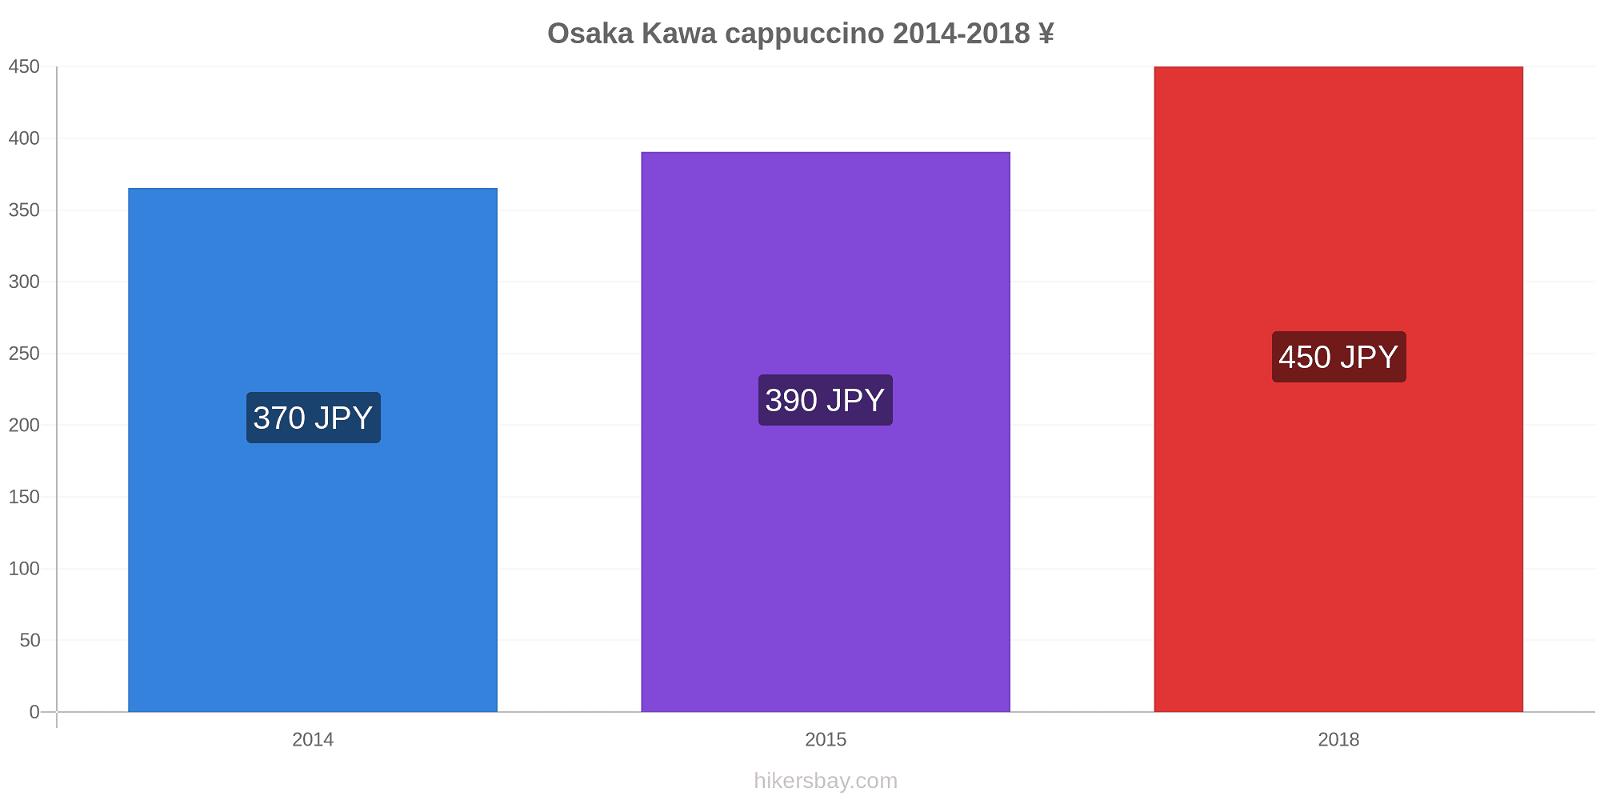 Osaka zmiany cen Kawa cappuccino hikersbay.com